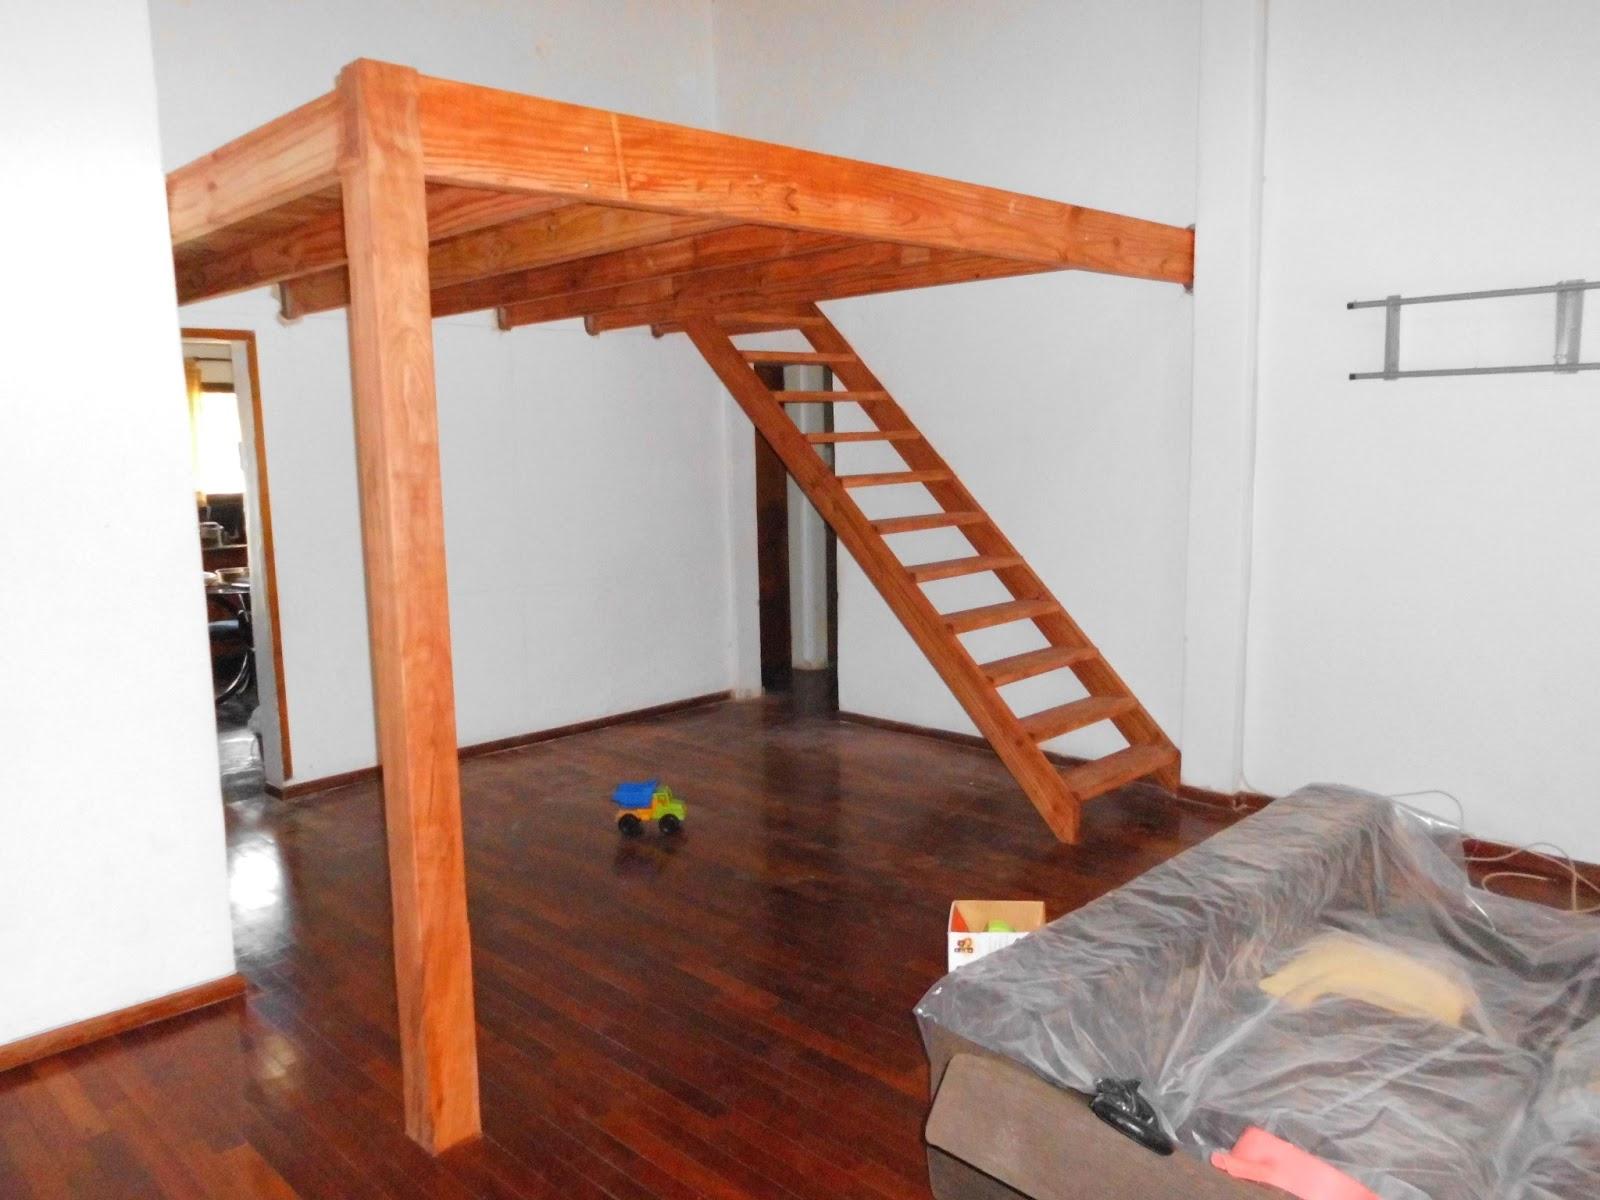 Entrepisos de madera, escaleras.